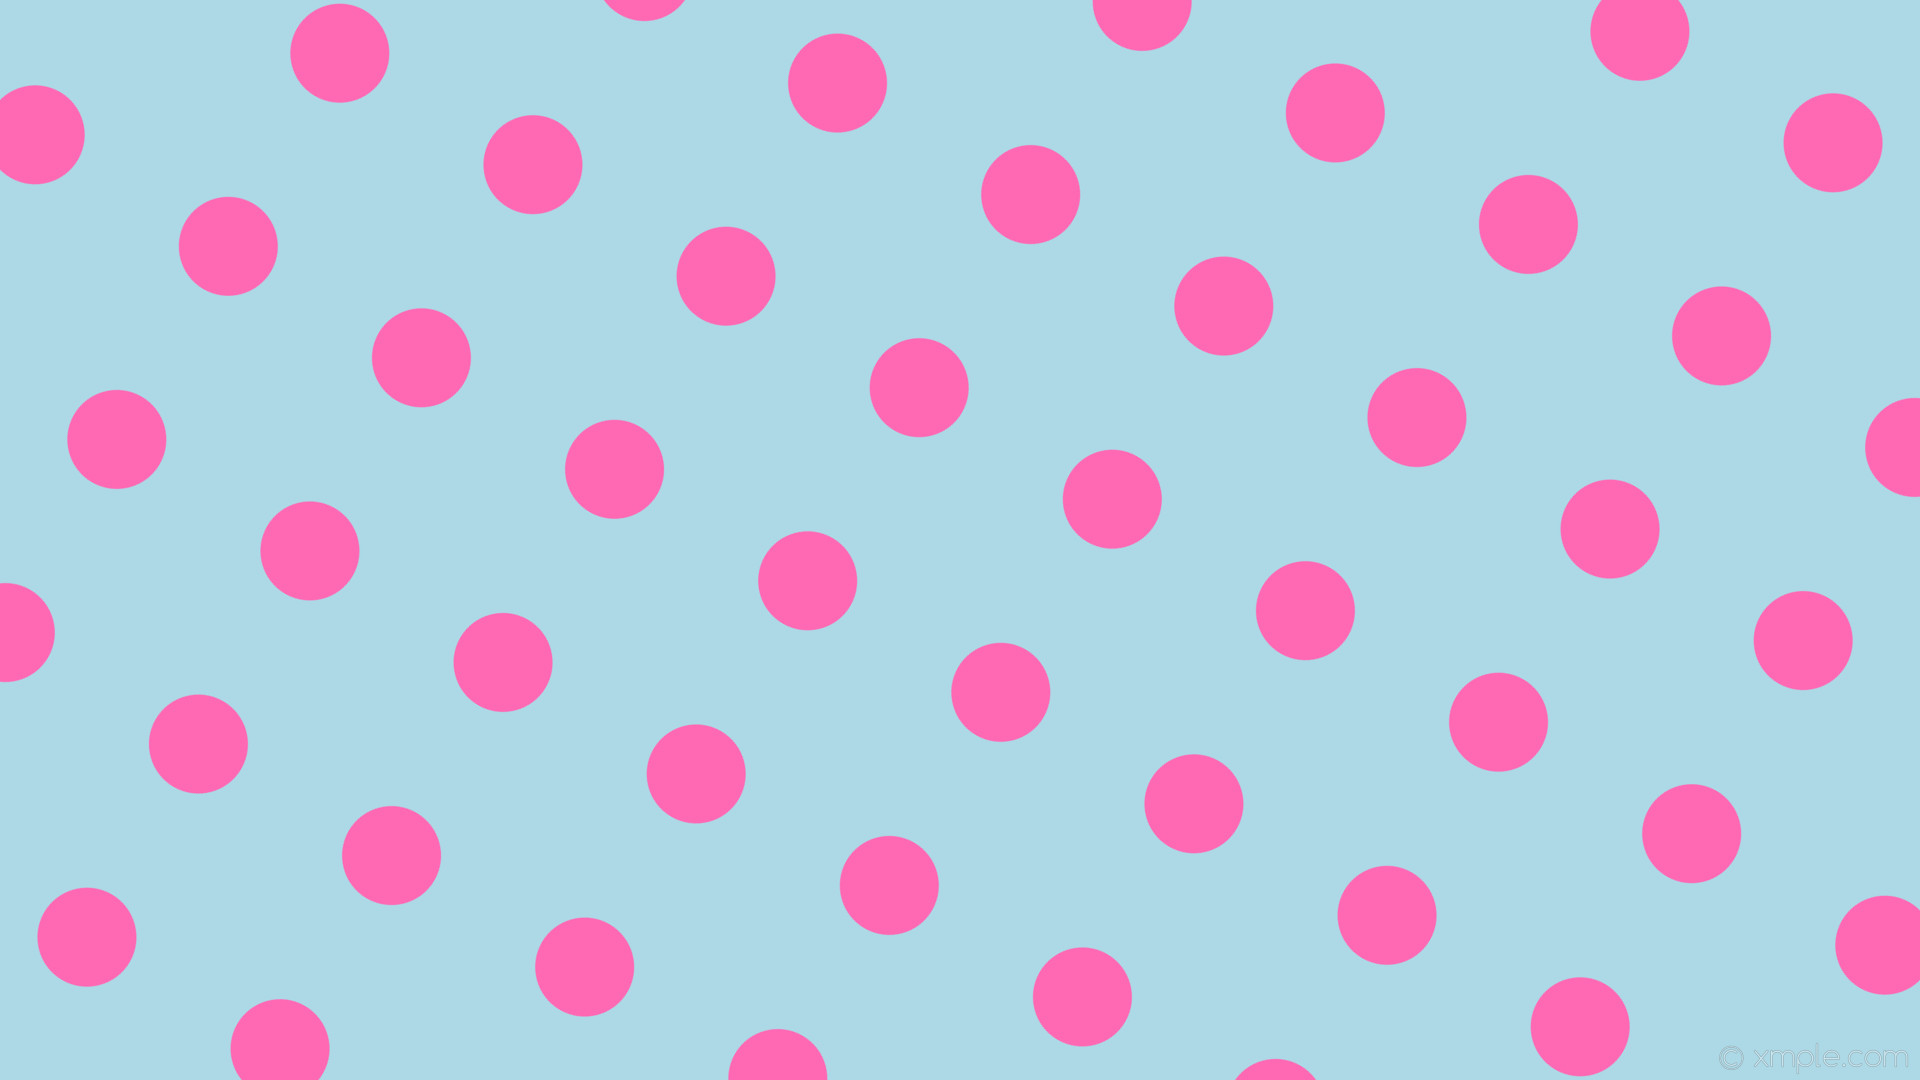 wallpaper pink blue dots polka spots light blue hot pink #add8e6 #ff69b4  150°